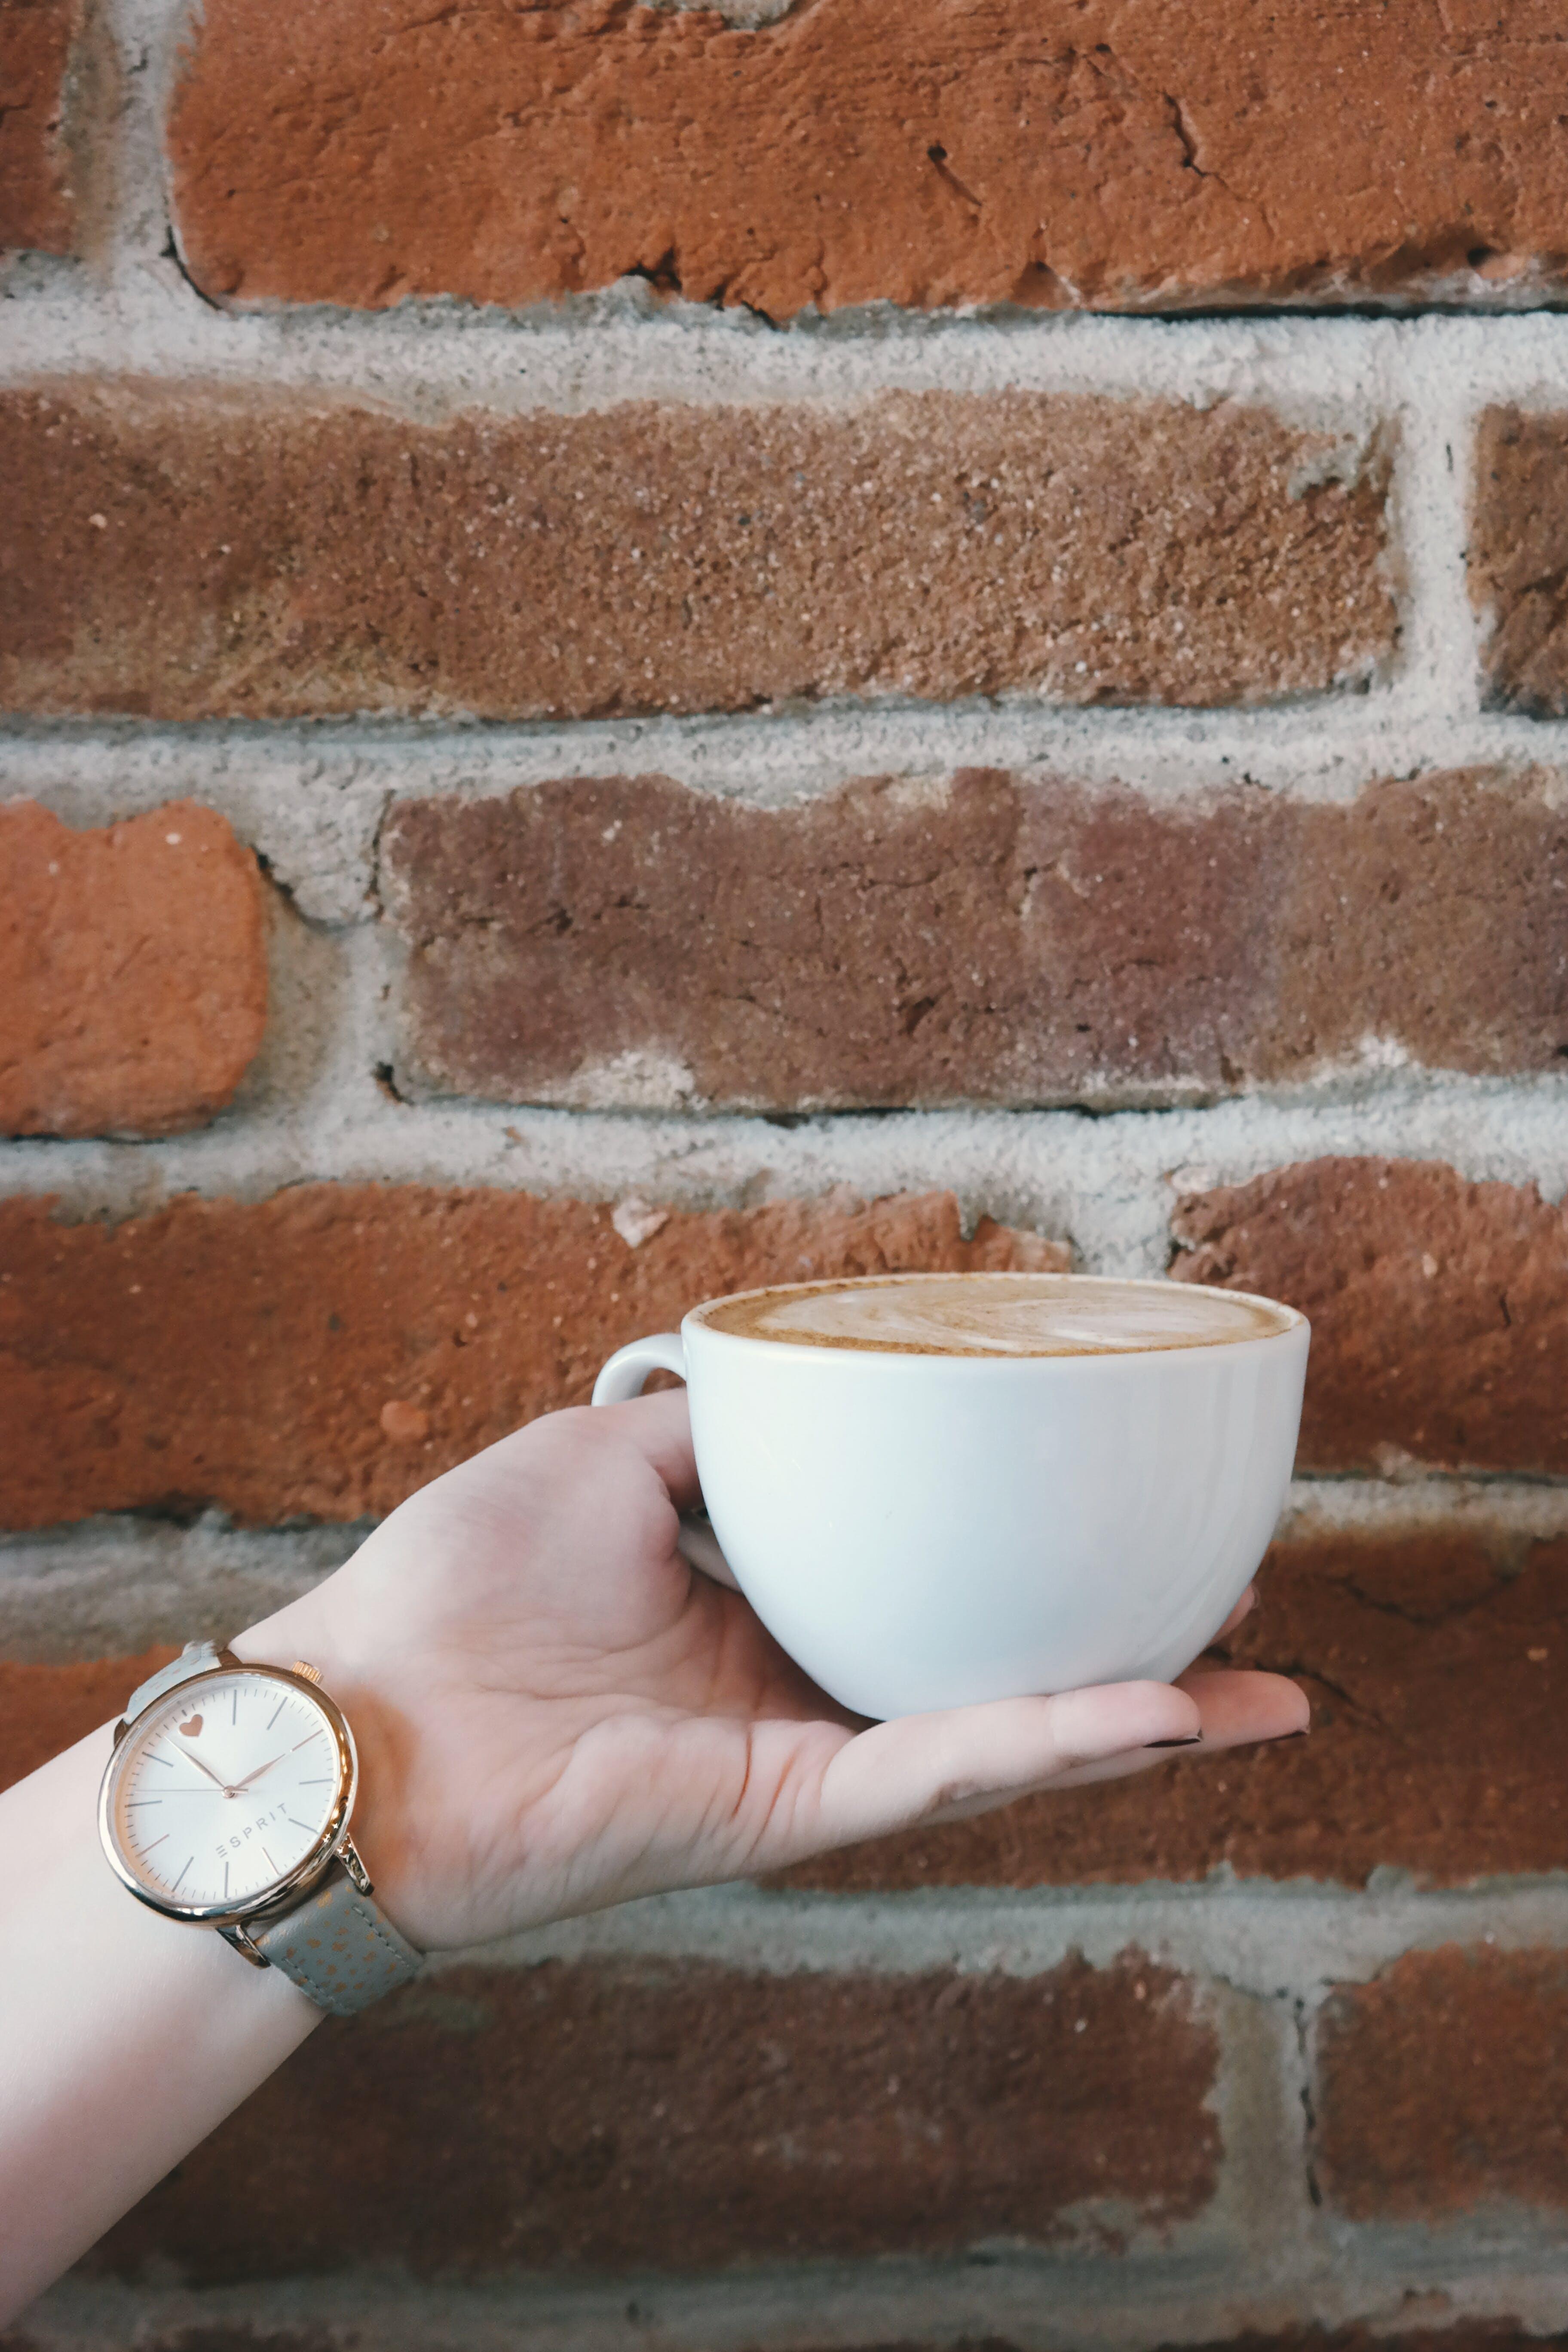 Kostenloses Stock Foto zu analoge uhr, cappuccino, getränk, hand